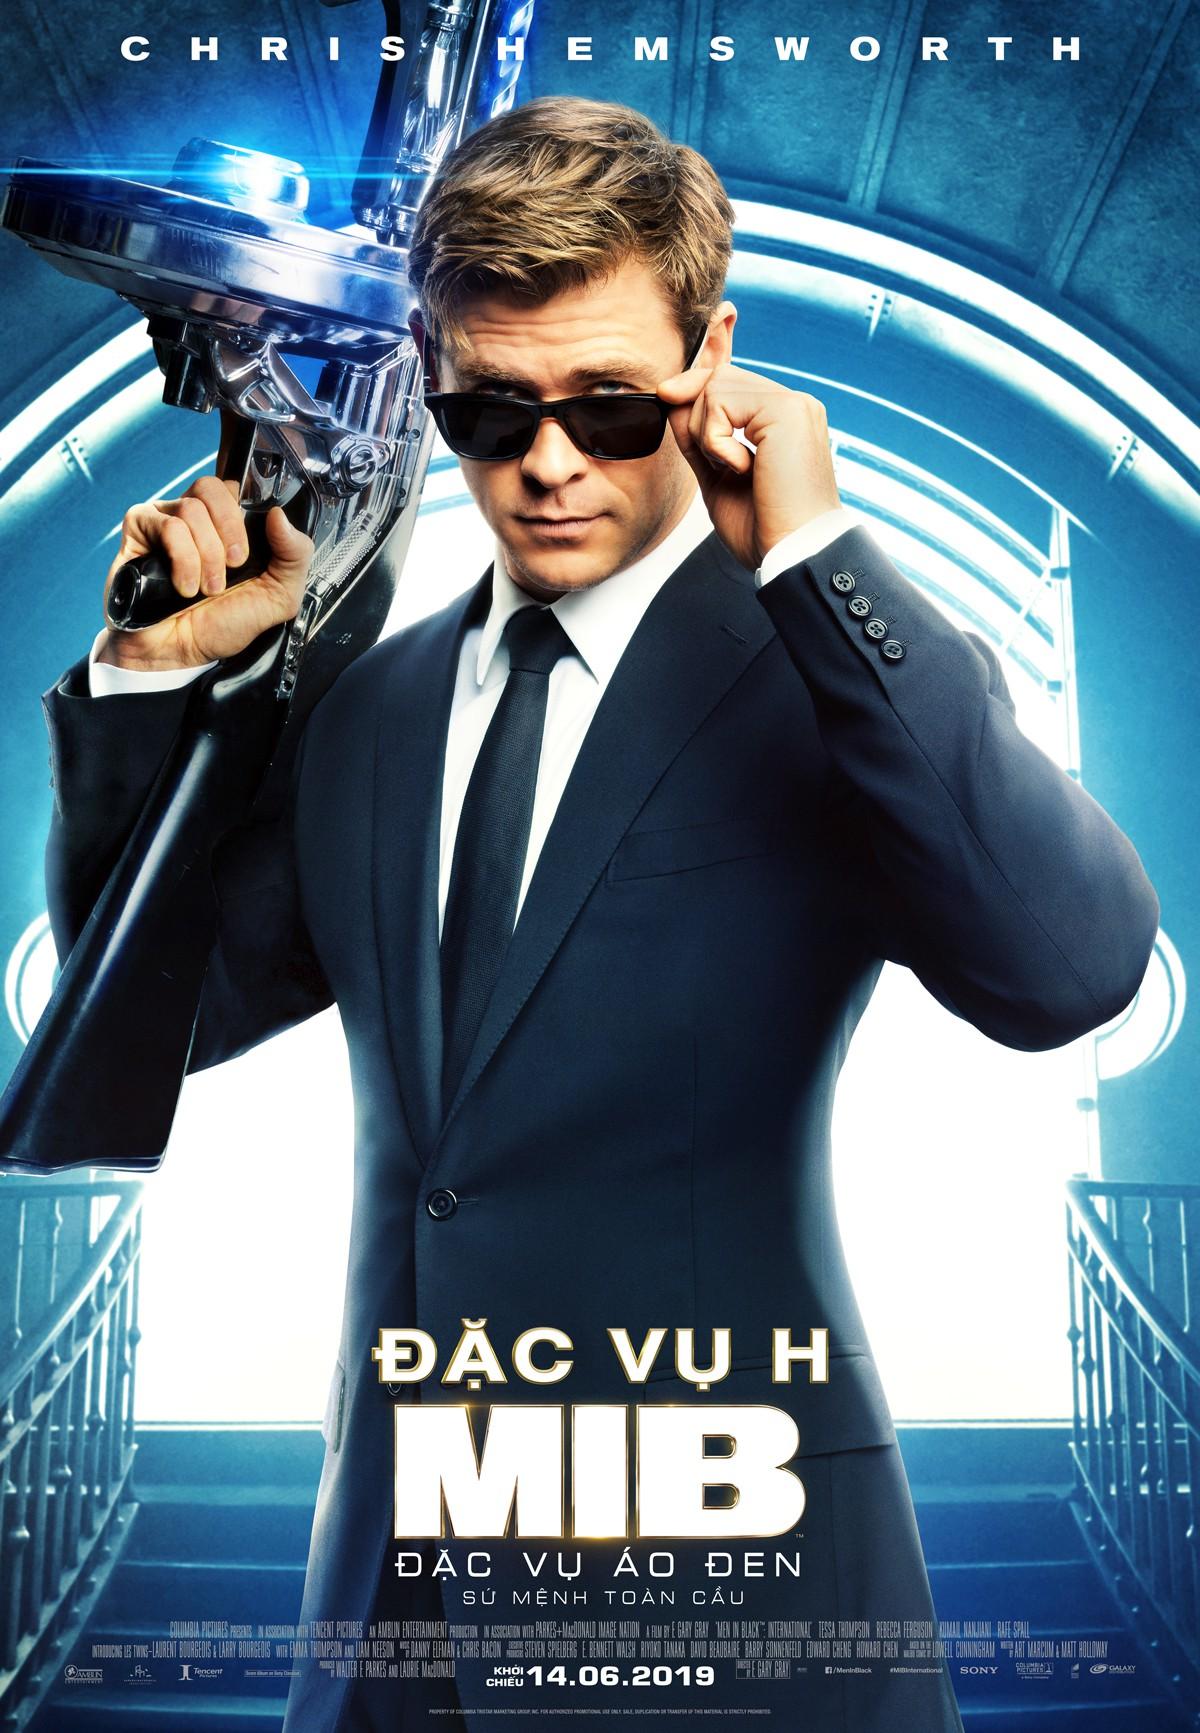 Thần sấm Thor Chris Hemsworth: Một bước thành sao hạng A, nỗ lực để không bị đóng khung vai diễn - Ảnh 10.